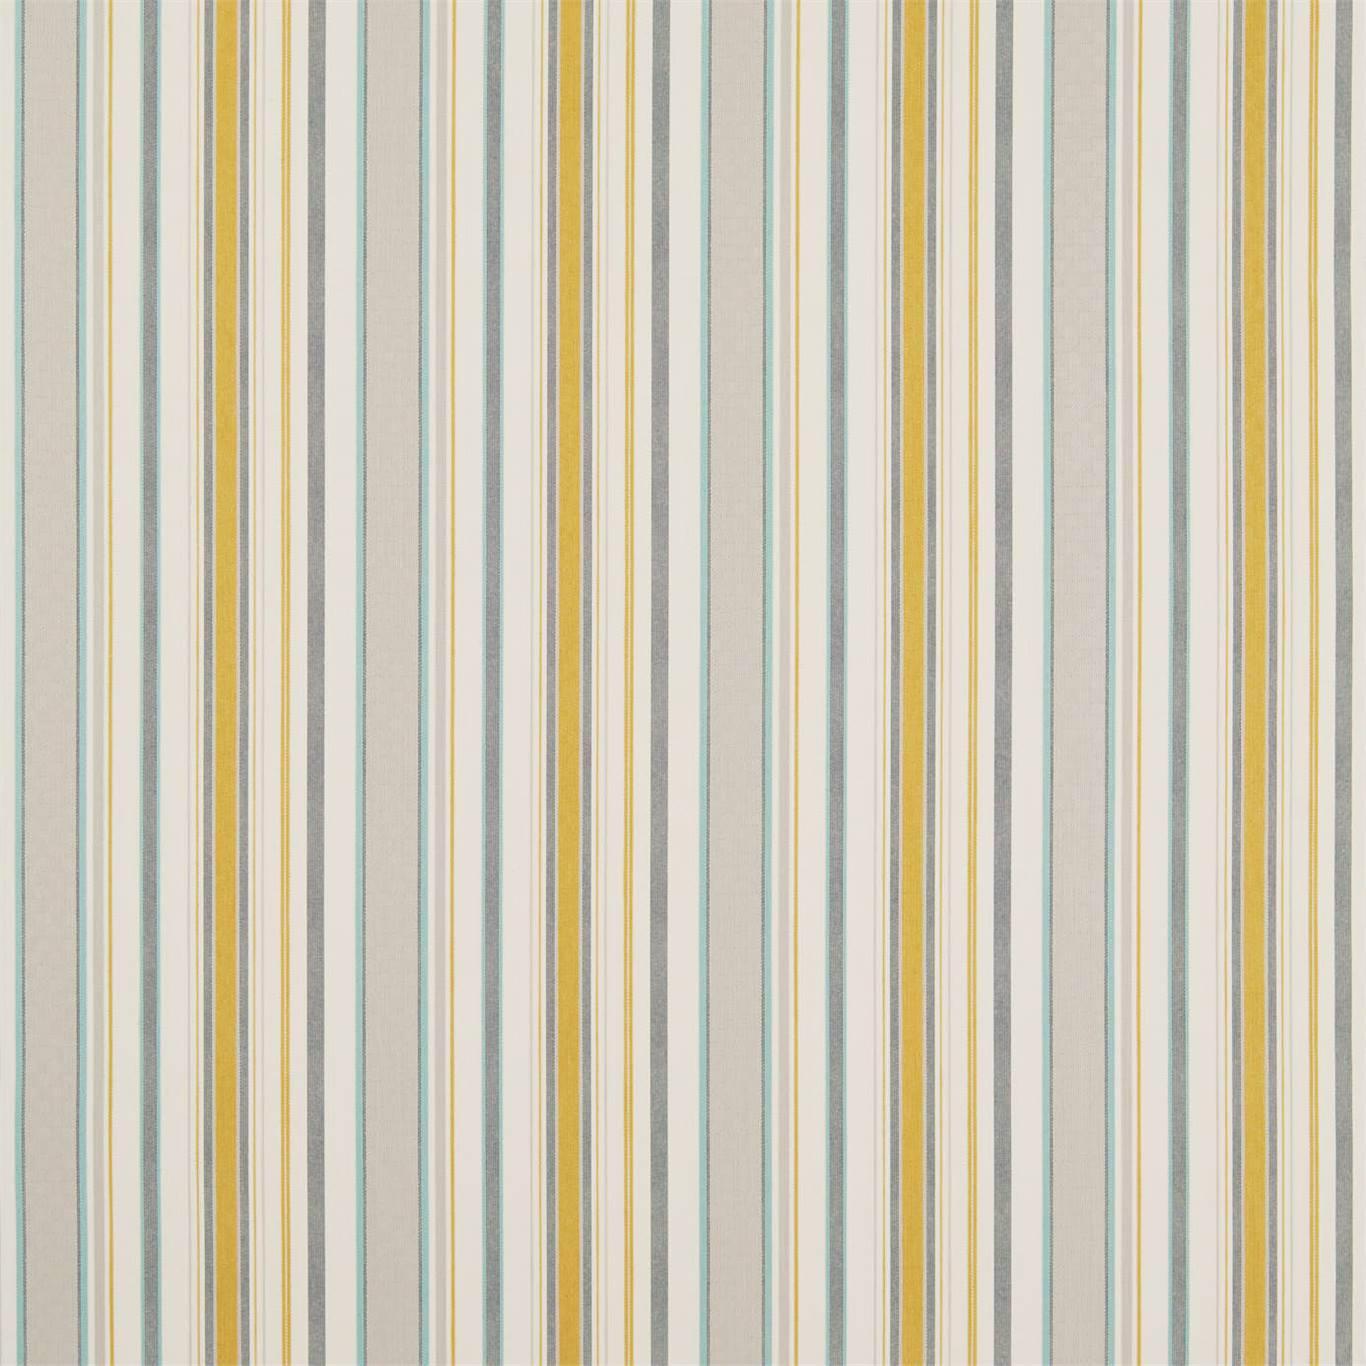 Dobby Stripe by SAN